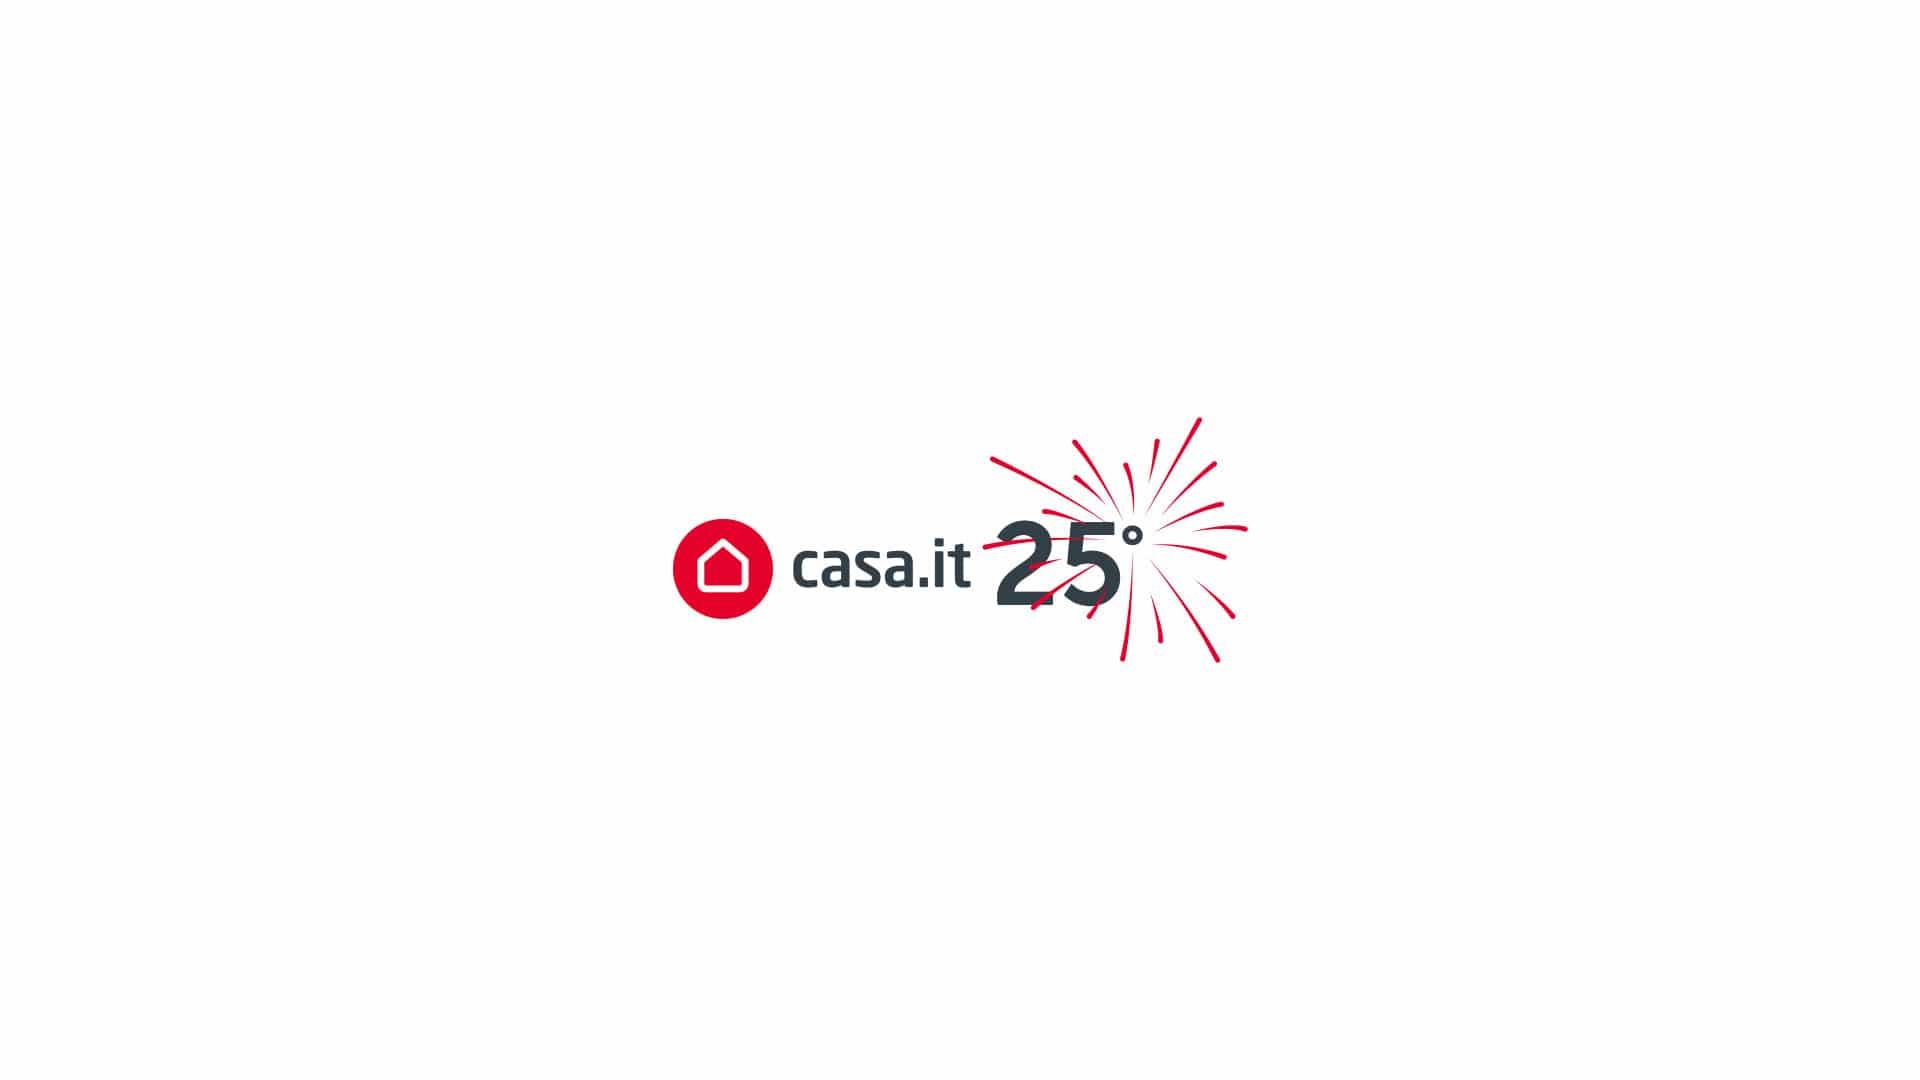 casait grafico milano 25anni logotipo